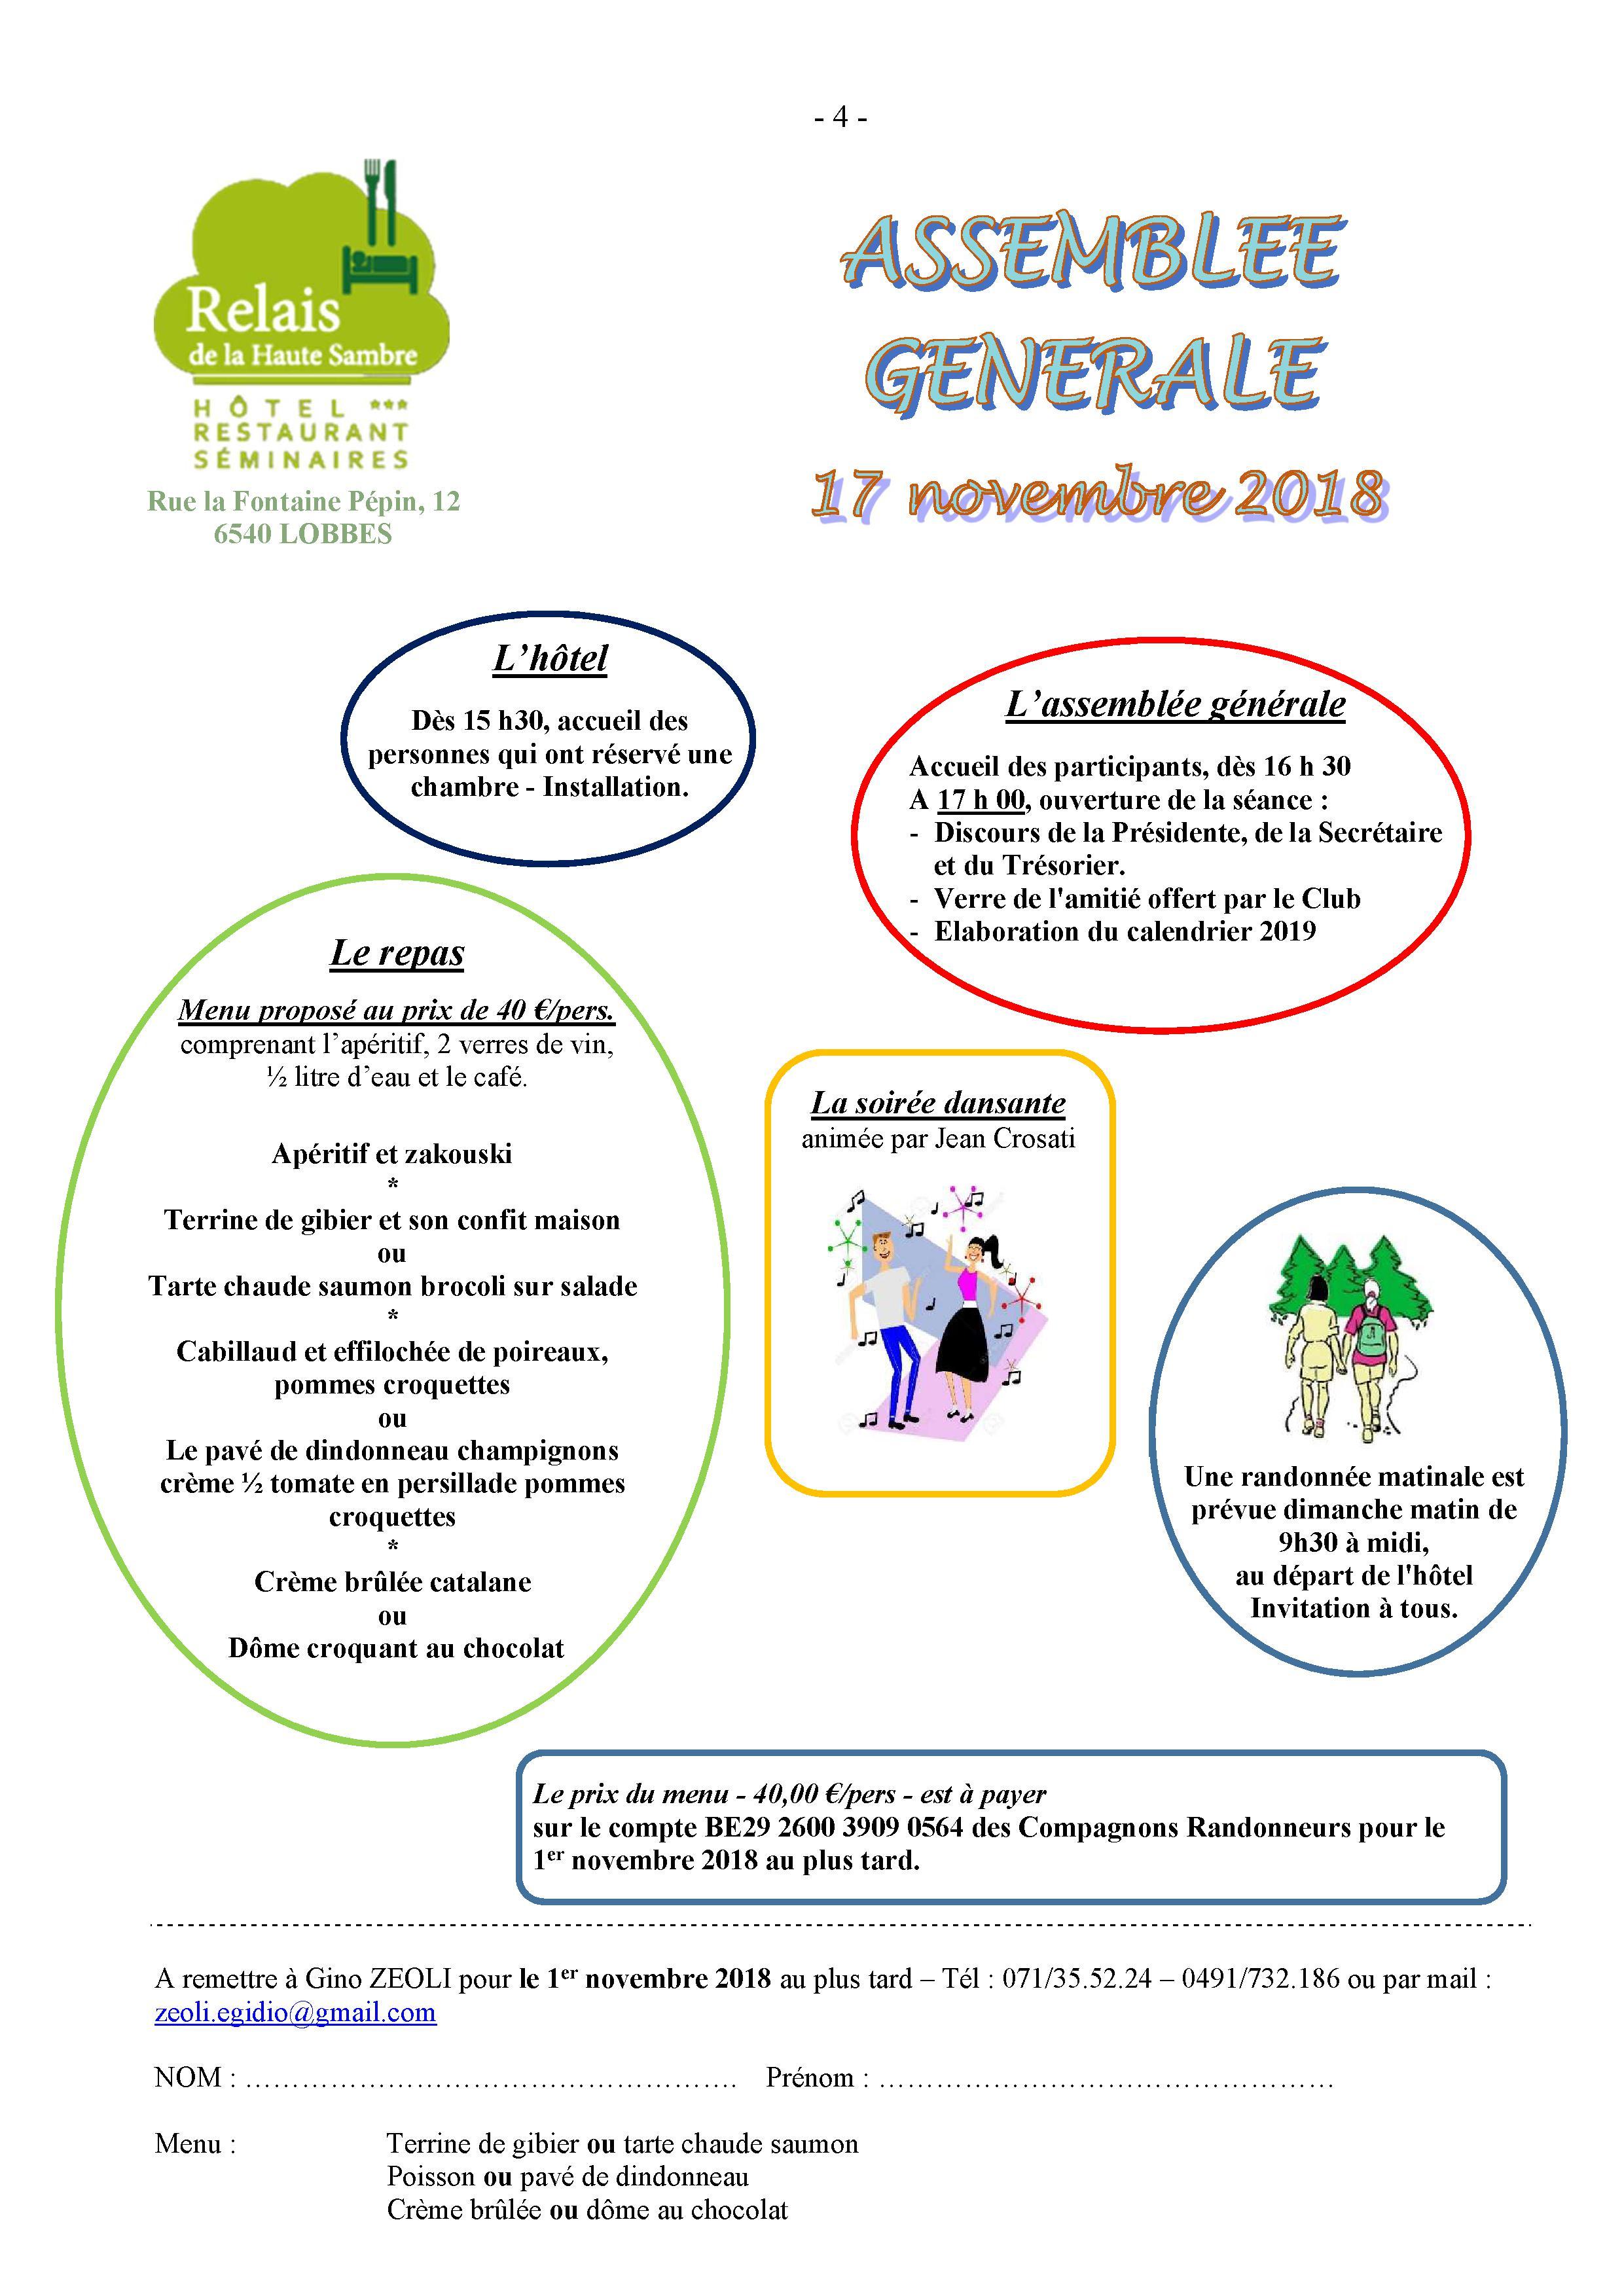 ASSEMBLEE GENERALE 2018- 6540-LOBBES @ Relais de la haute sambre | Lobbes | Wallonie | Belgique